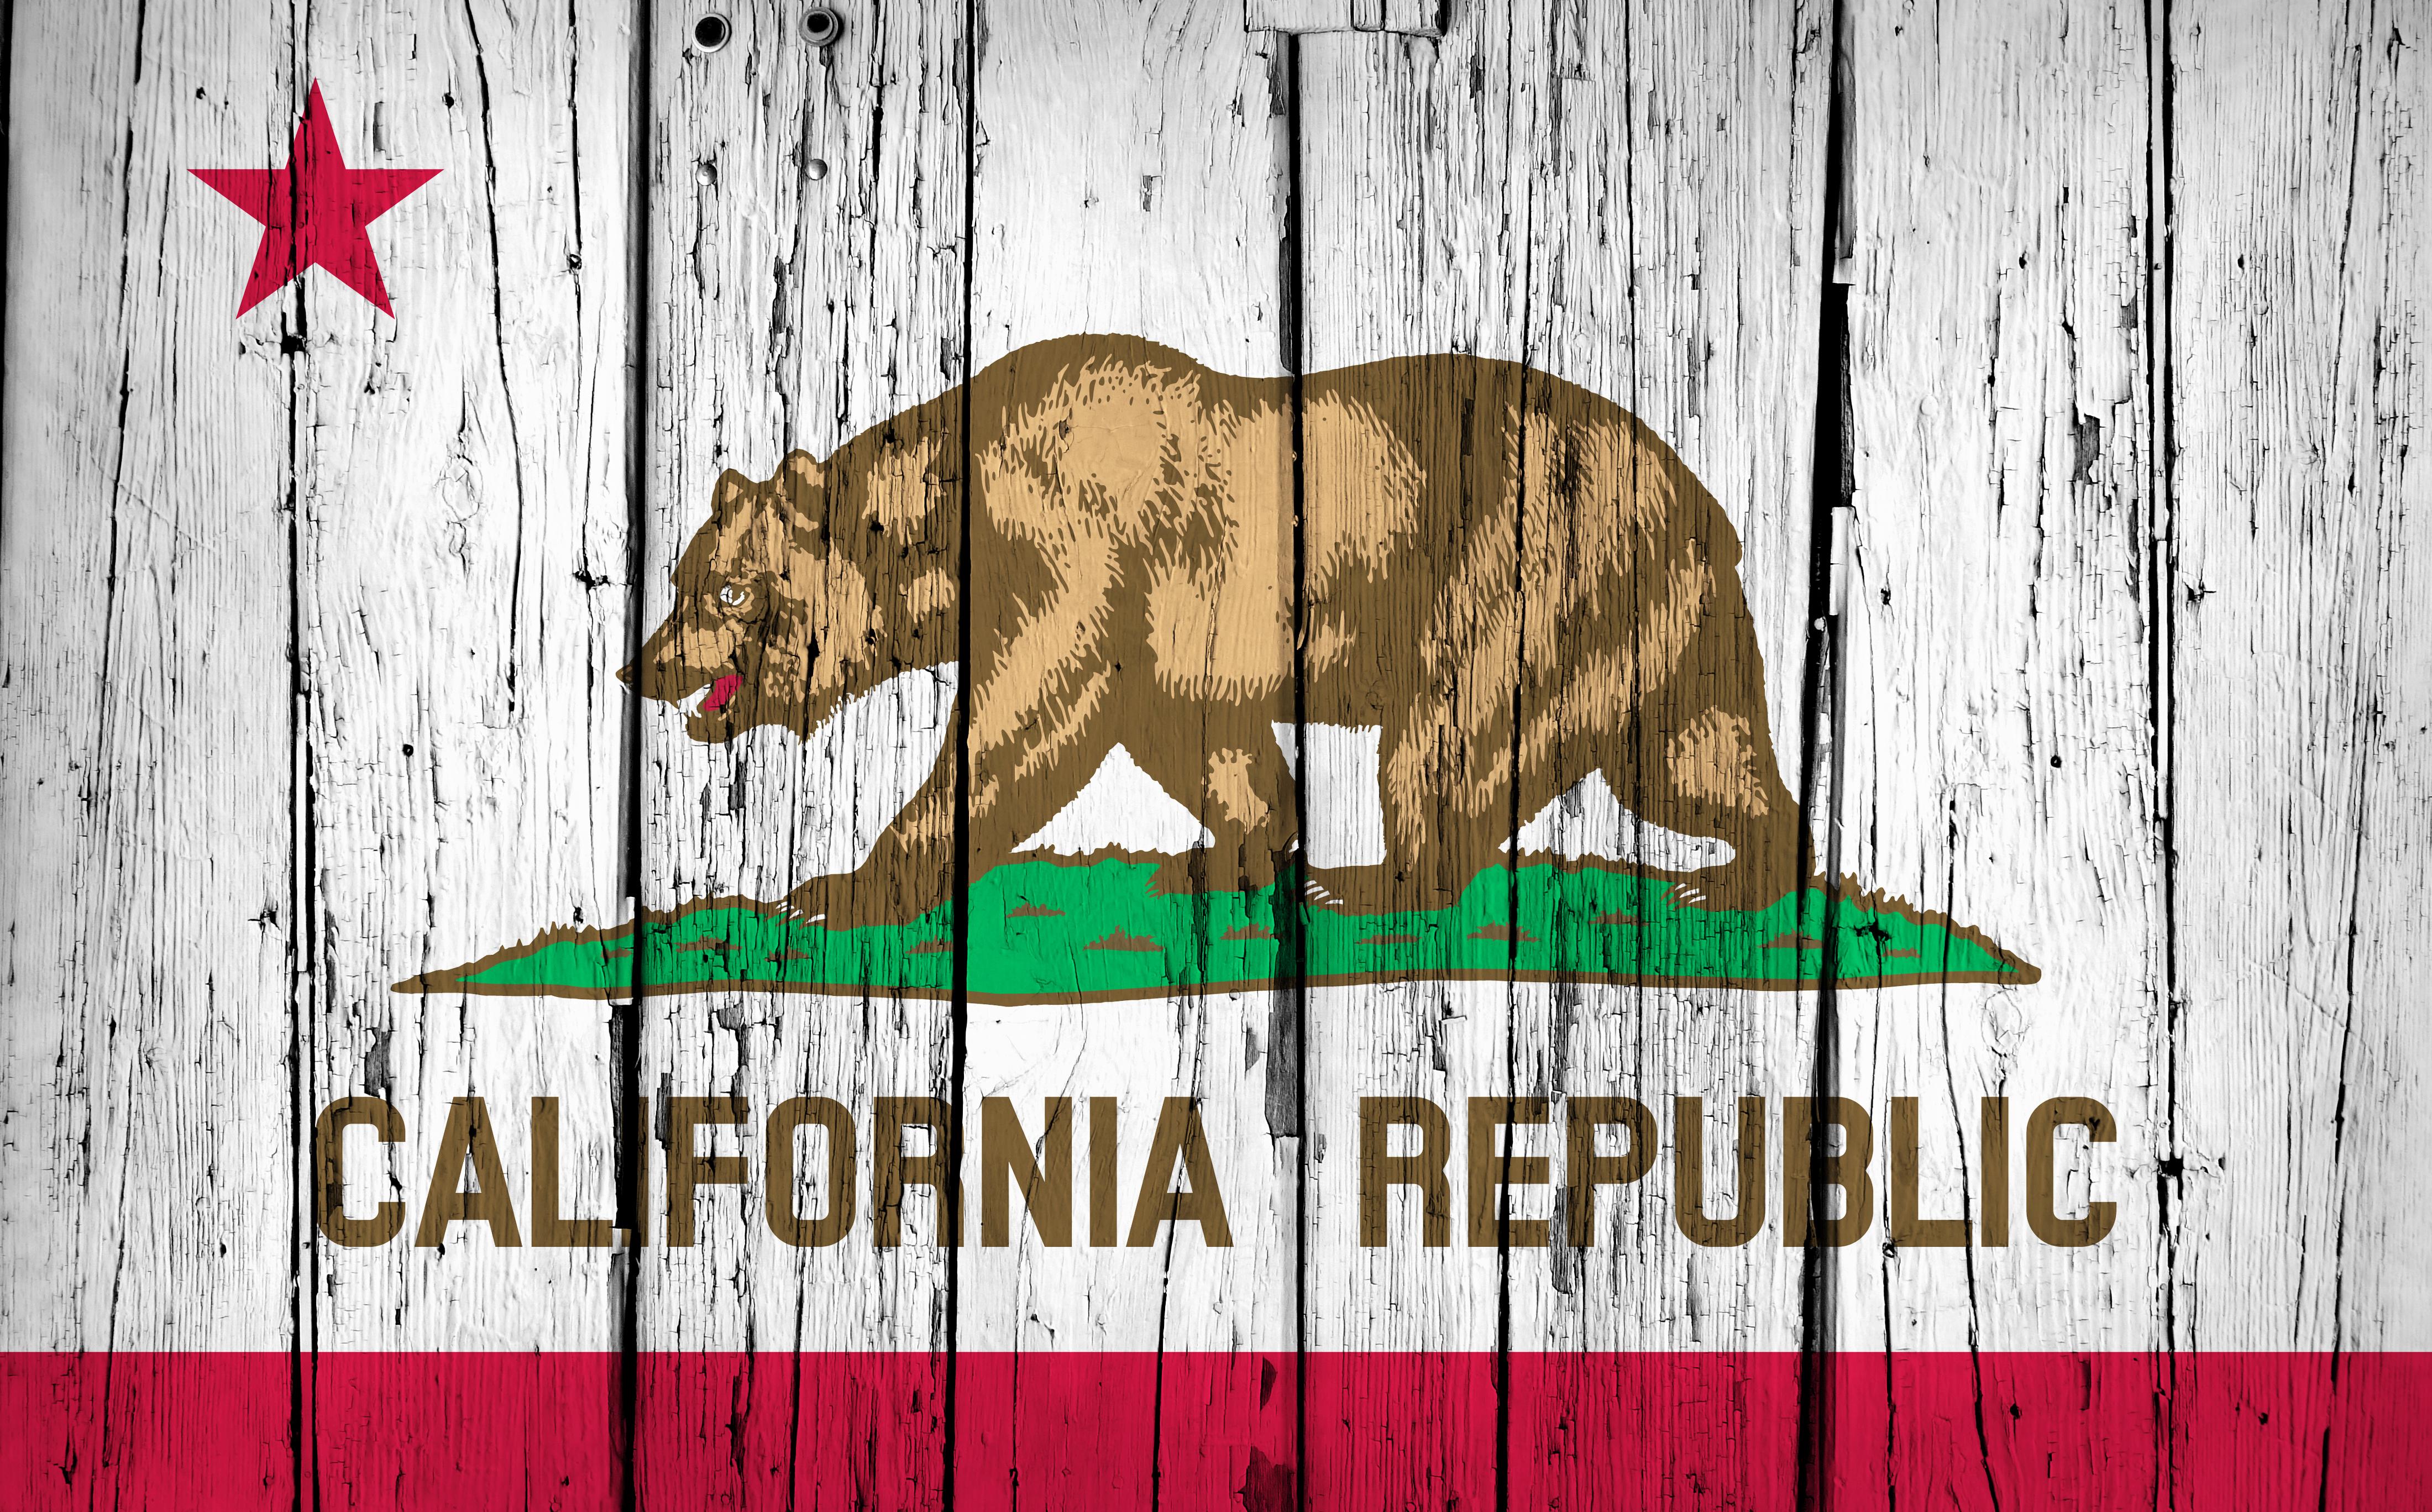 California New Privacy Law 2018